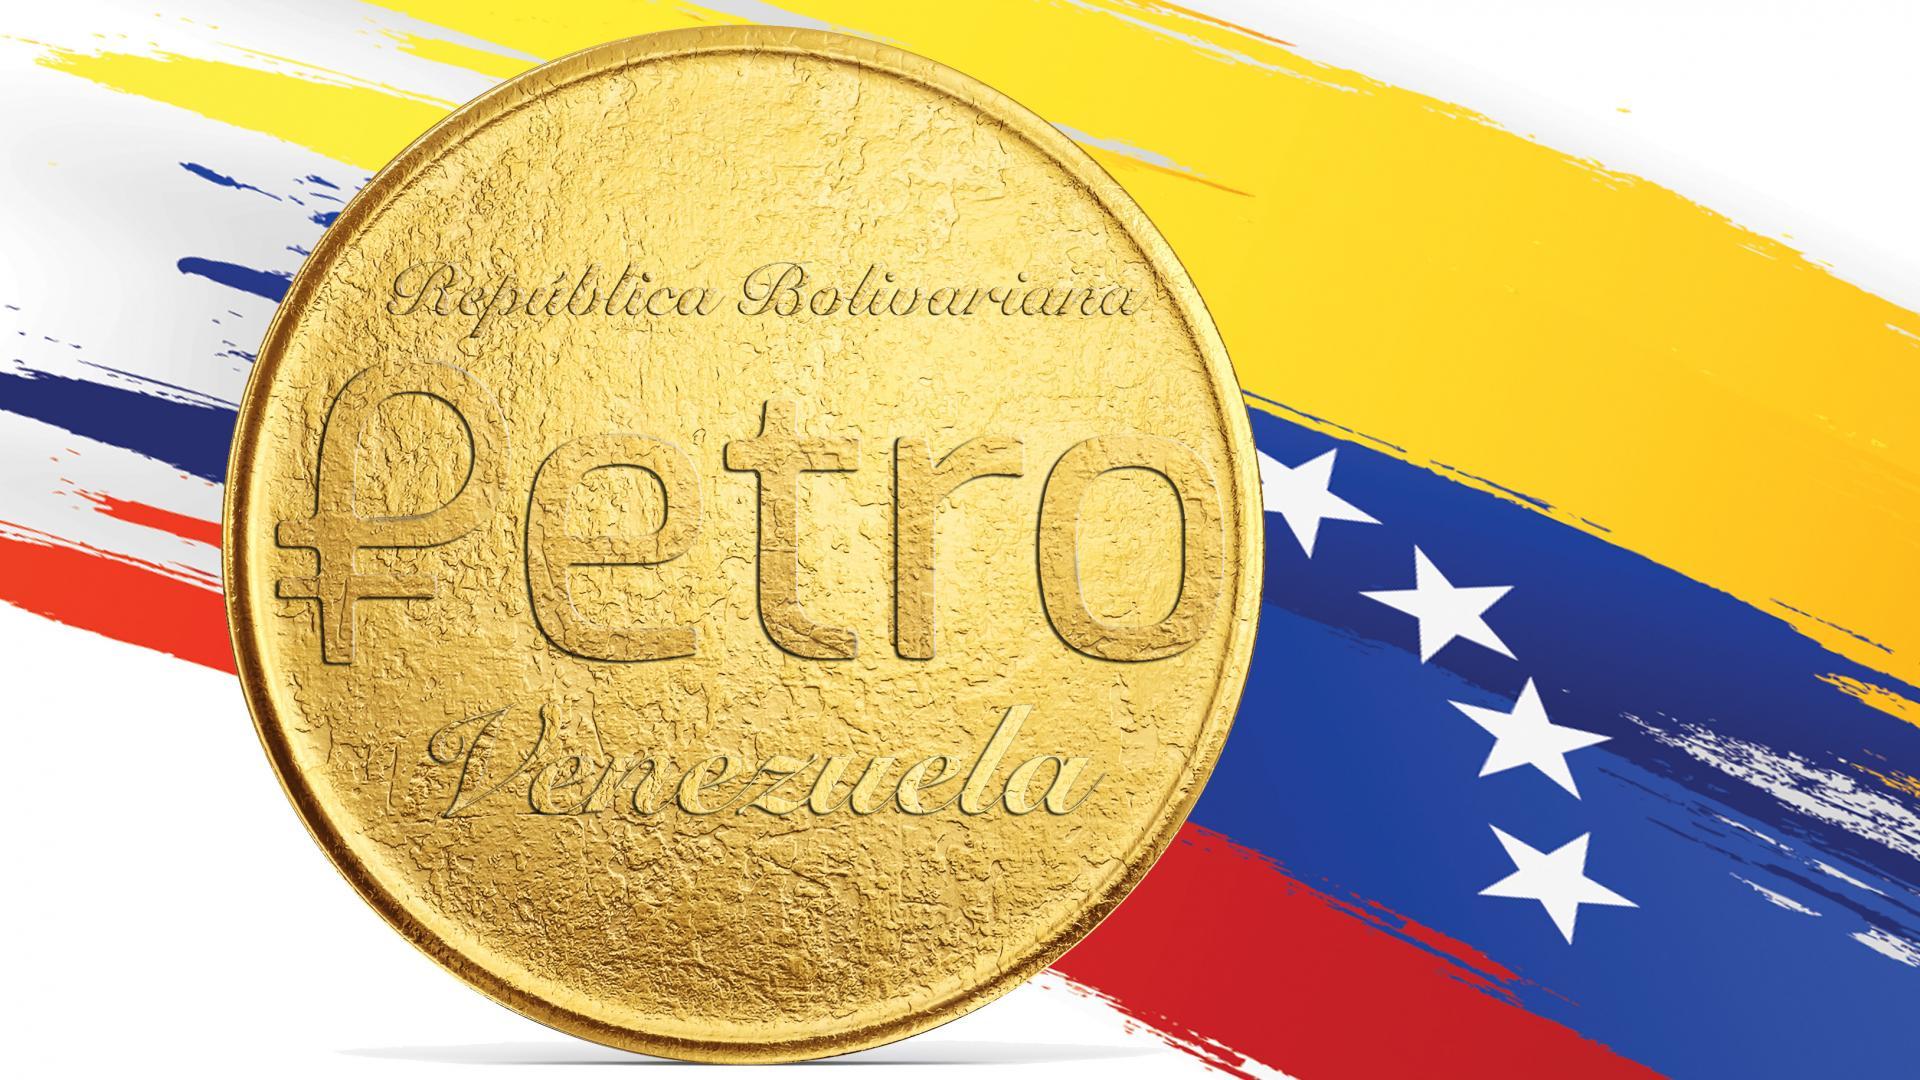 Venezuela je prva država, ki je izdala svojo kriptovaluto